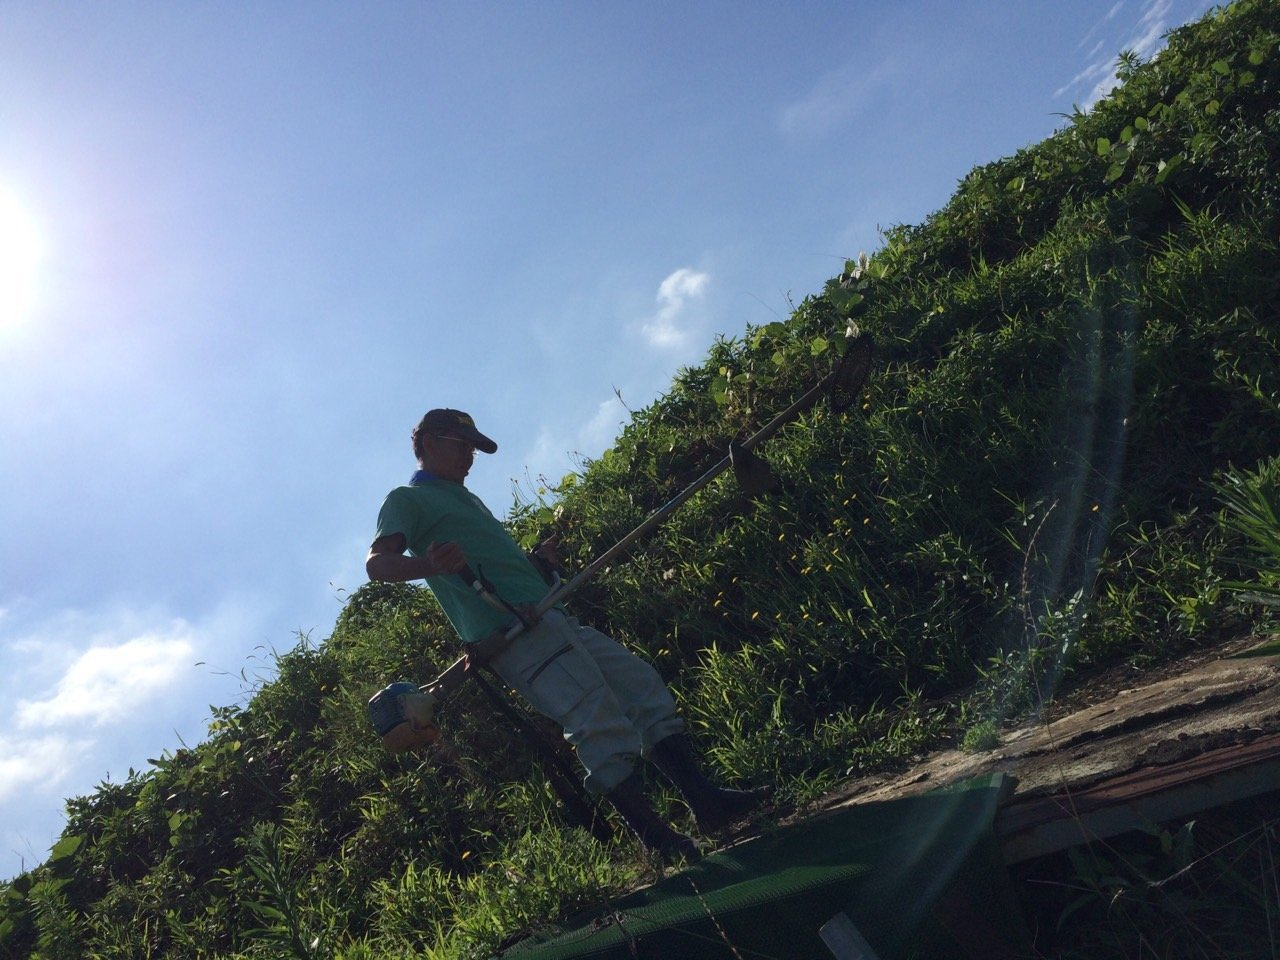 昨日梅雨明けしたらしい・・・畑 猛暑です 草刈り 収穫 今朝は4人体制 水分補給しながら_c0222448_12181864.jpg